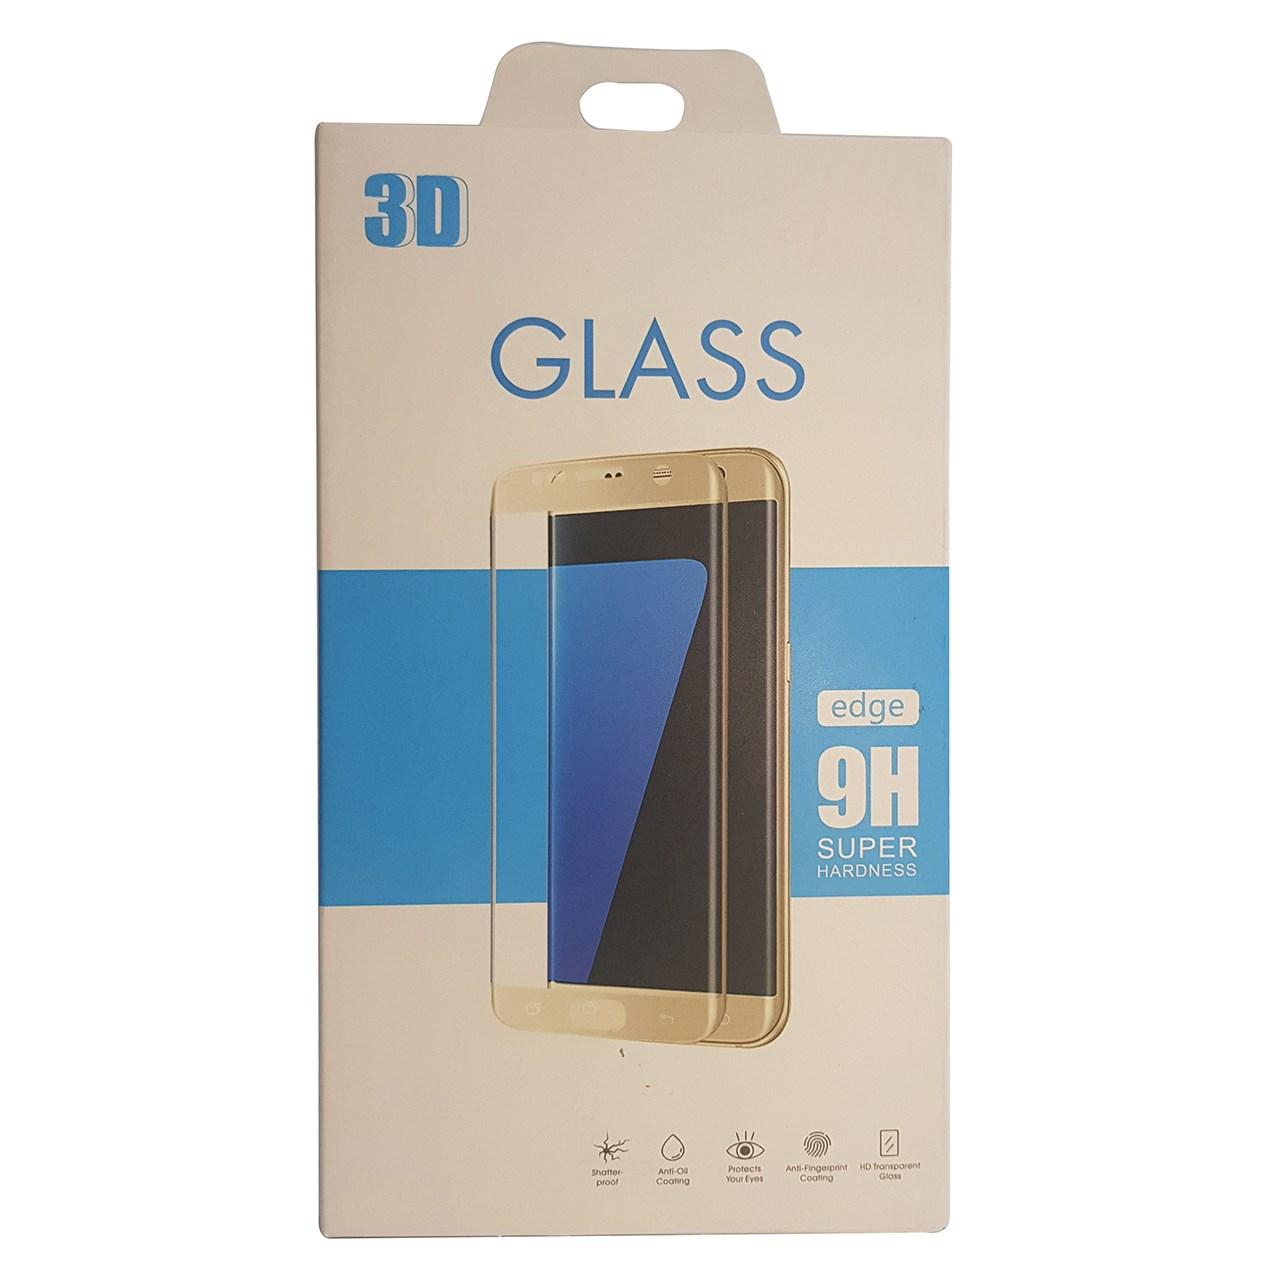 محافظ نمایش سه بعدی مدل Edge 9H مناسب برای گوشی سامسونگ Galaxy S7 Edge